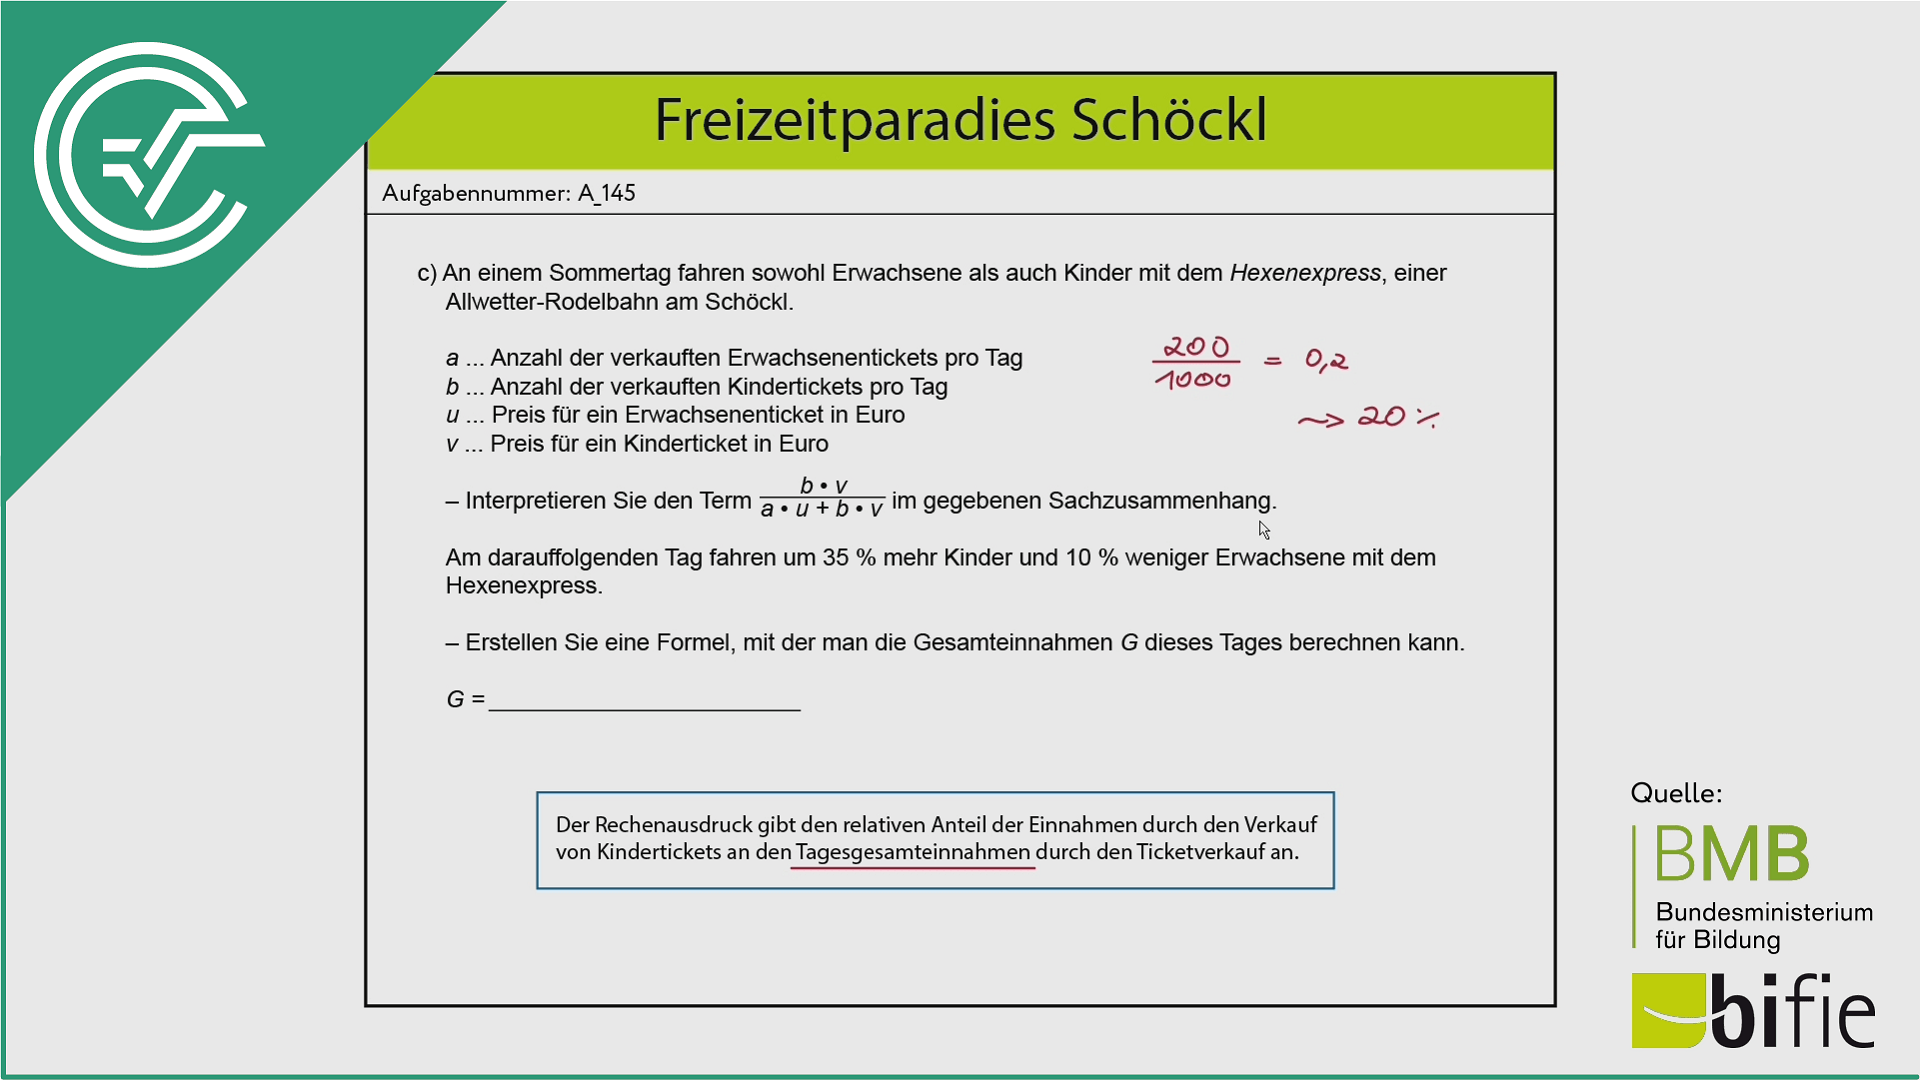 A_145 Freizeitparadies Schöckl c [Gleichung aufstellen]